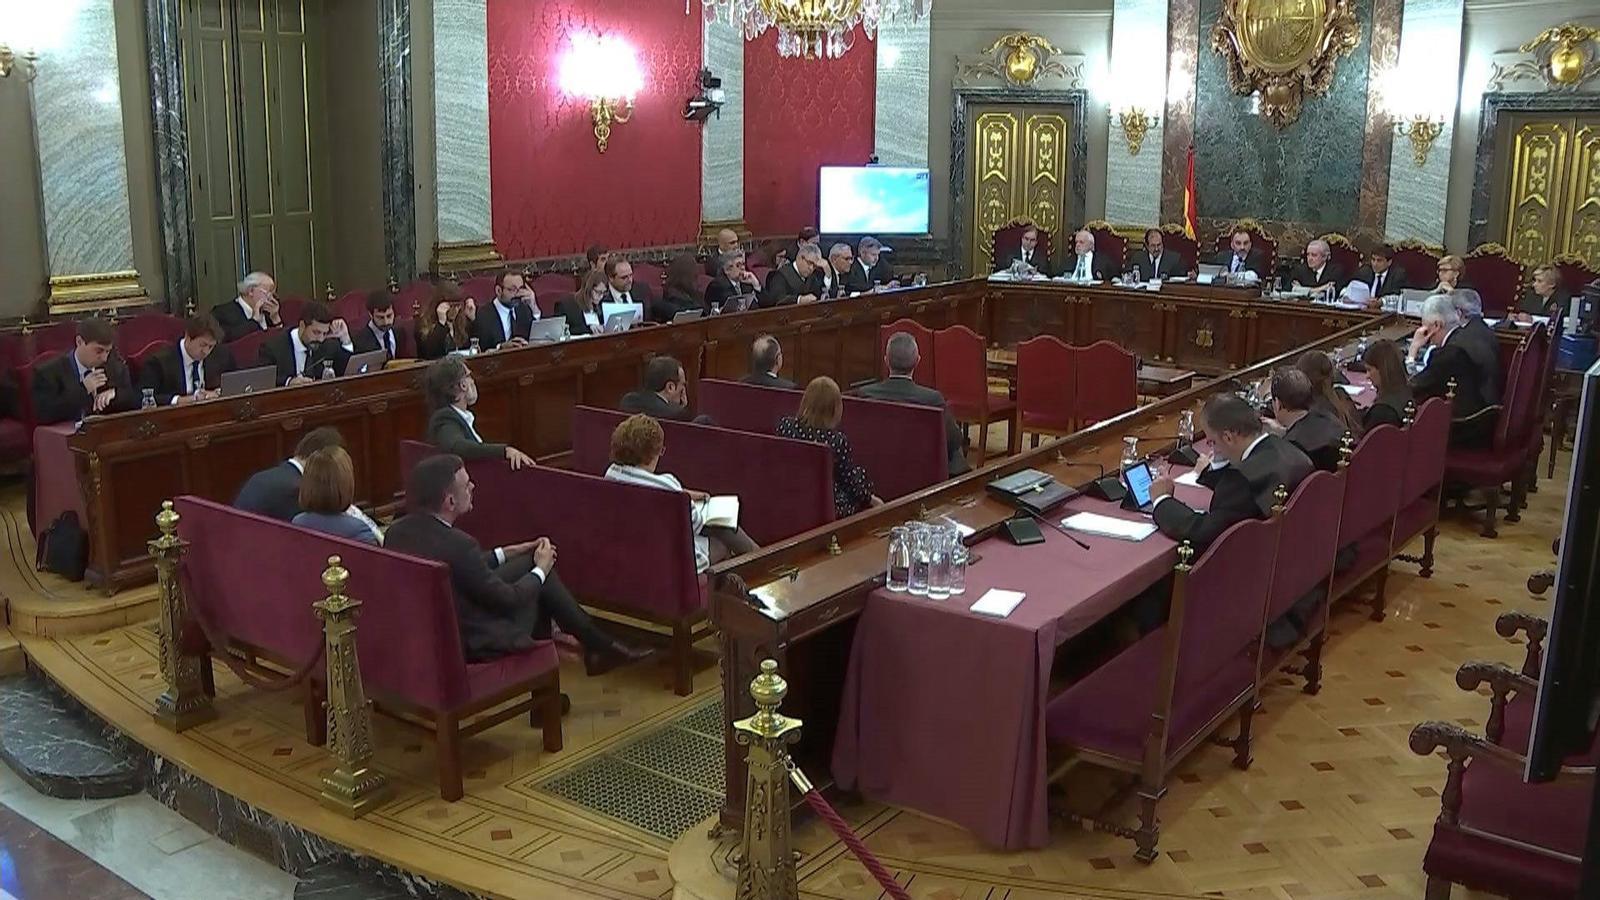 L'anàlisi d'Antoni Bassas: 'Les conclusions de Melero i altres elefants a la sala'